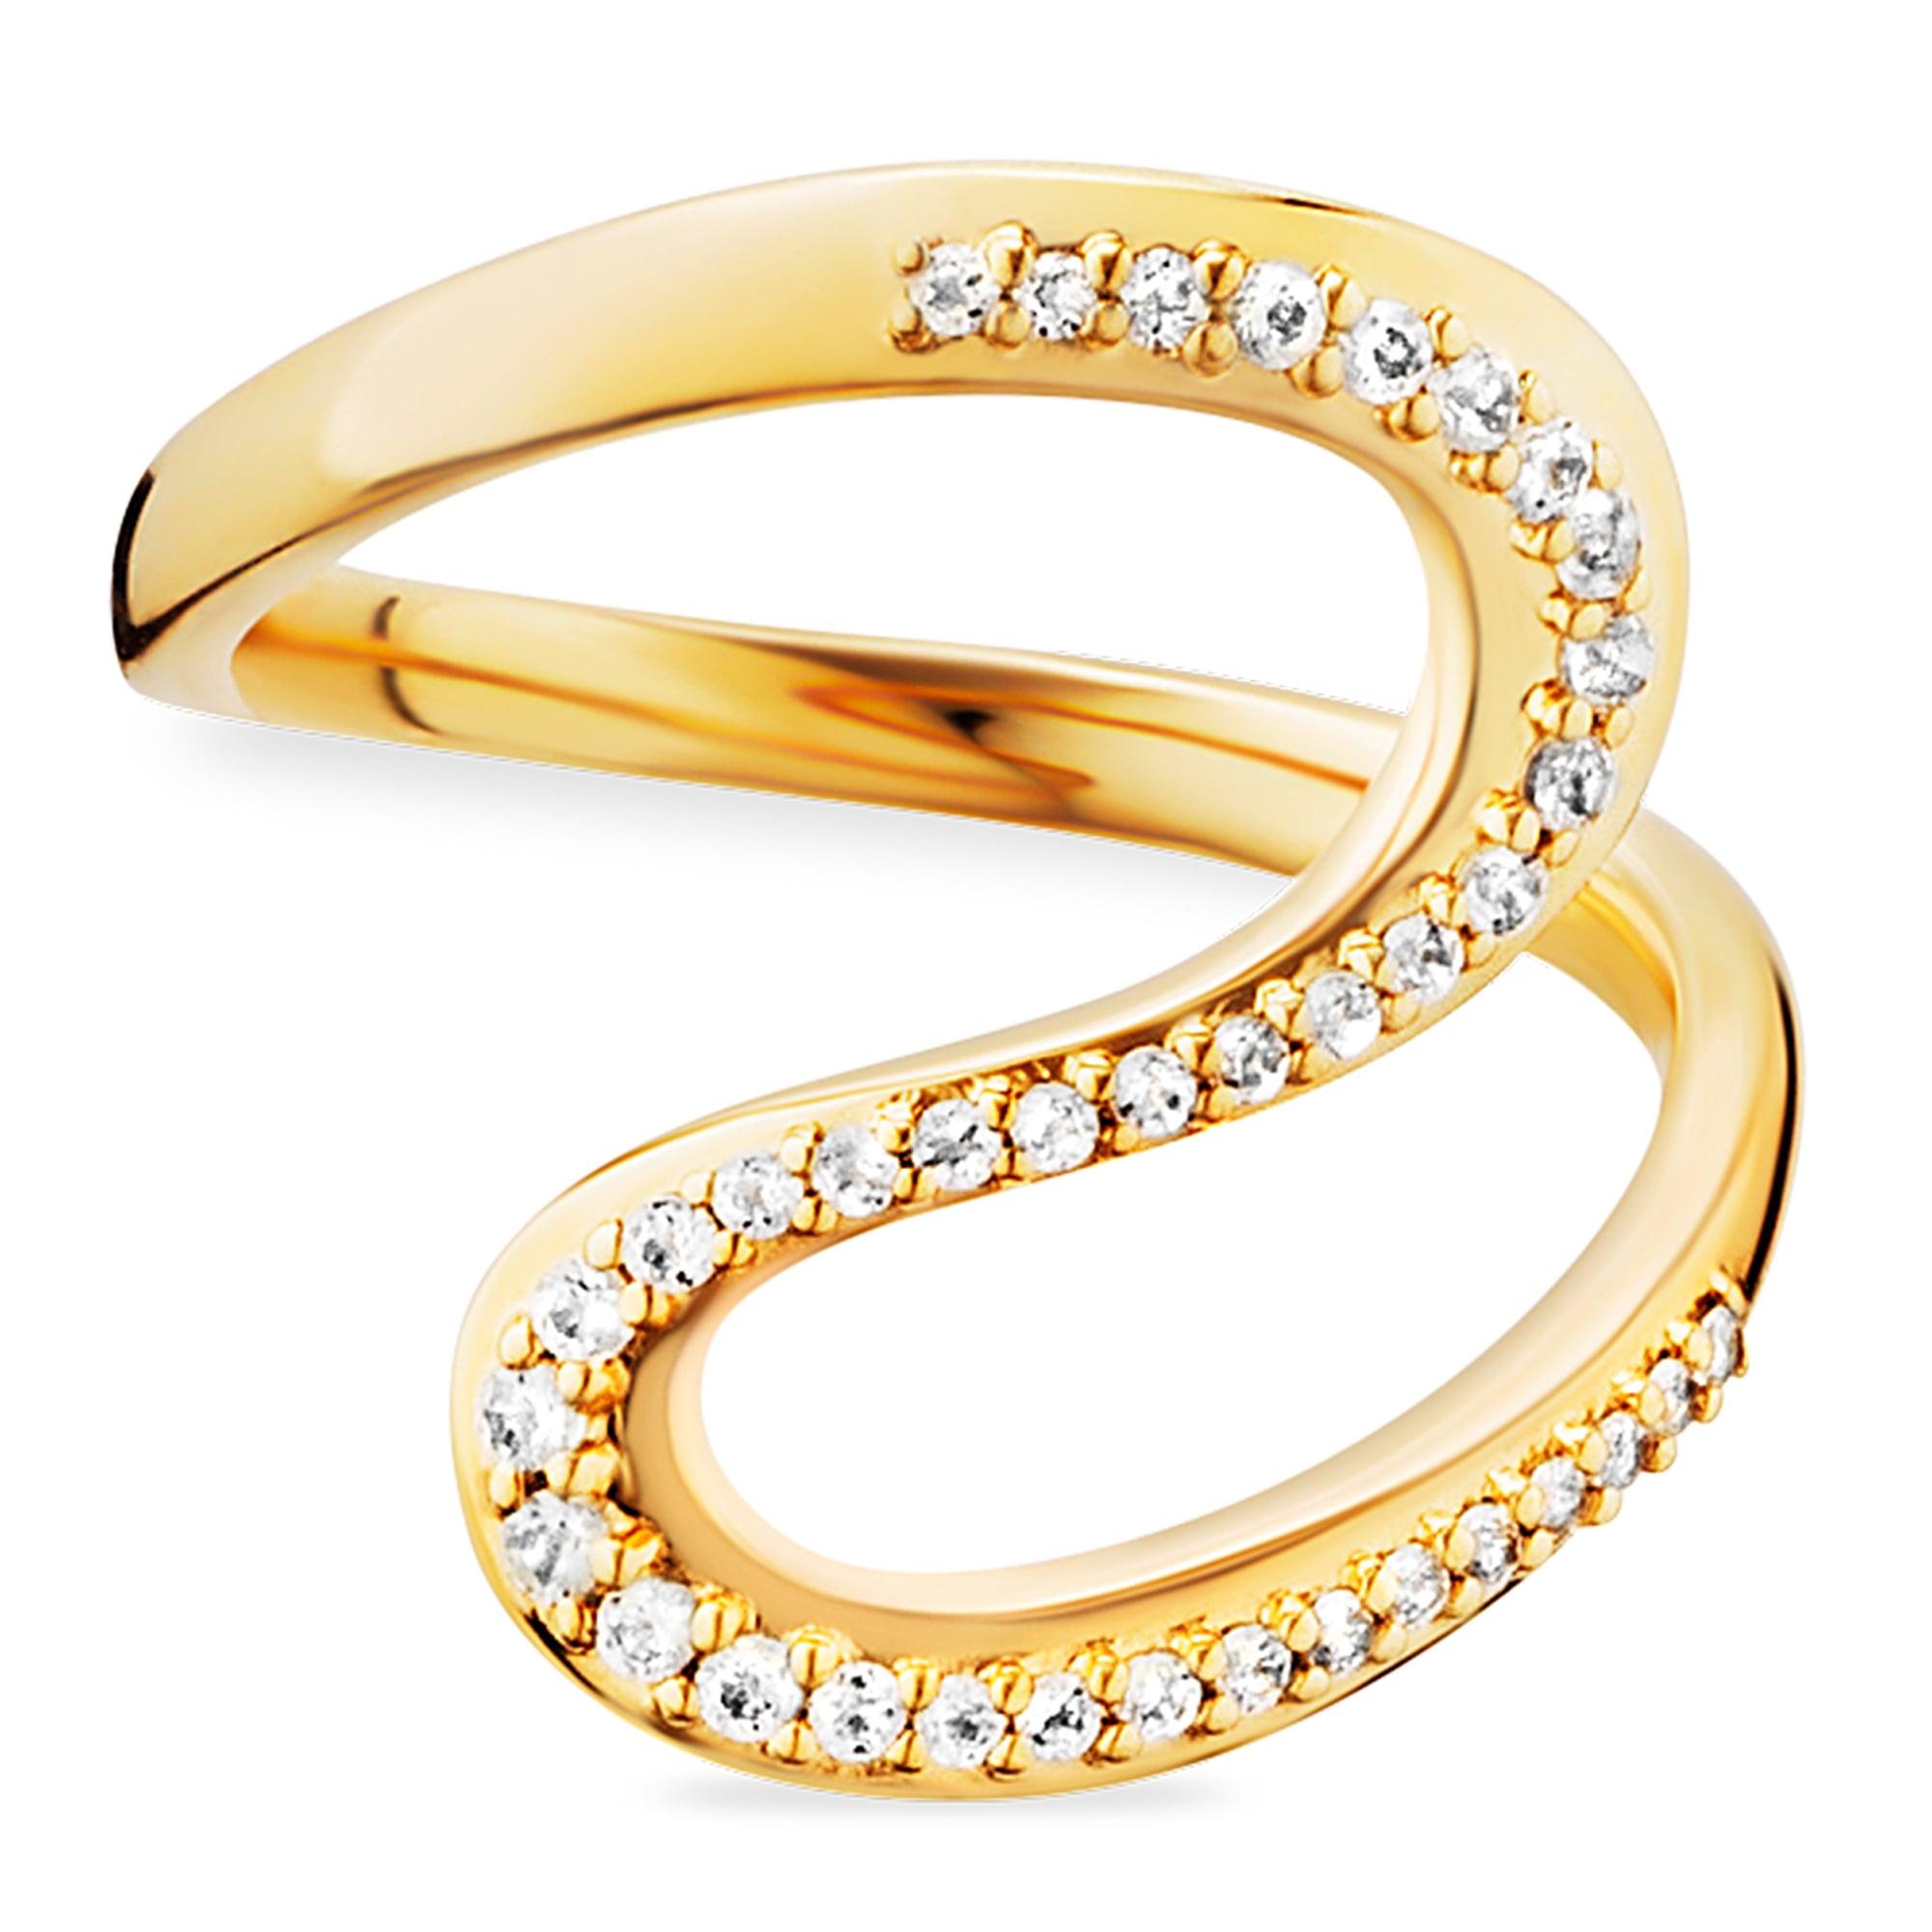 CAÏ Ring 925/- Sterling Silber gelb vergoldet Topas | Schmuck > Ringe > Silberringe | Caï